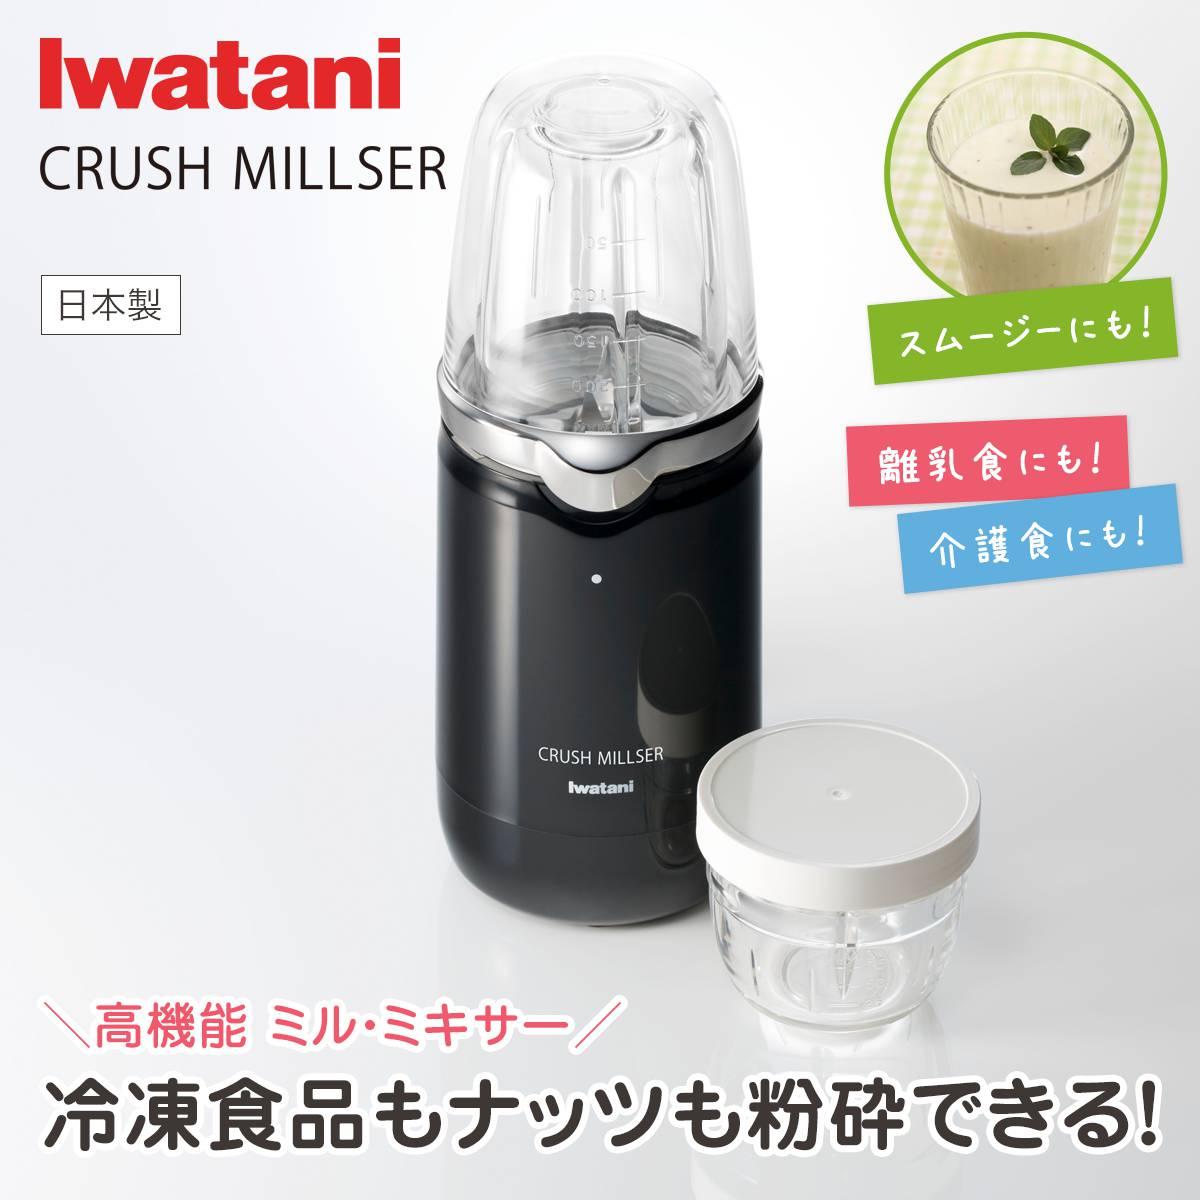 イワタニ / Iwatani クラッシュミルサー